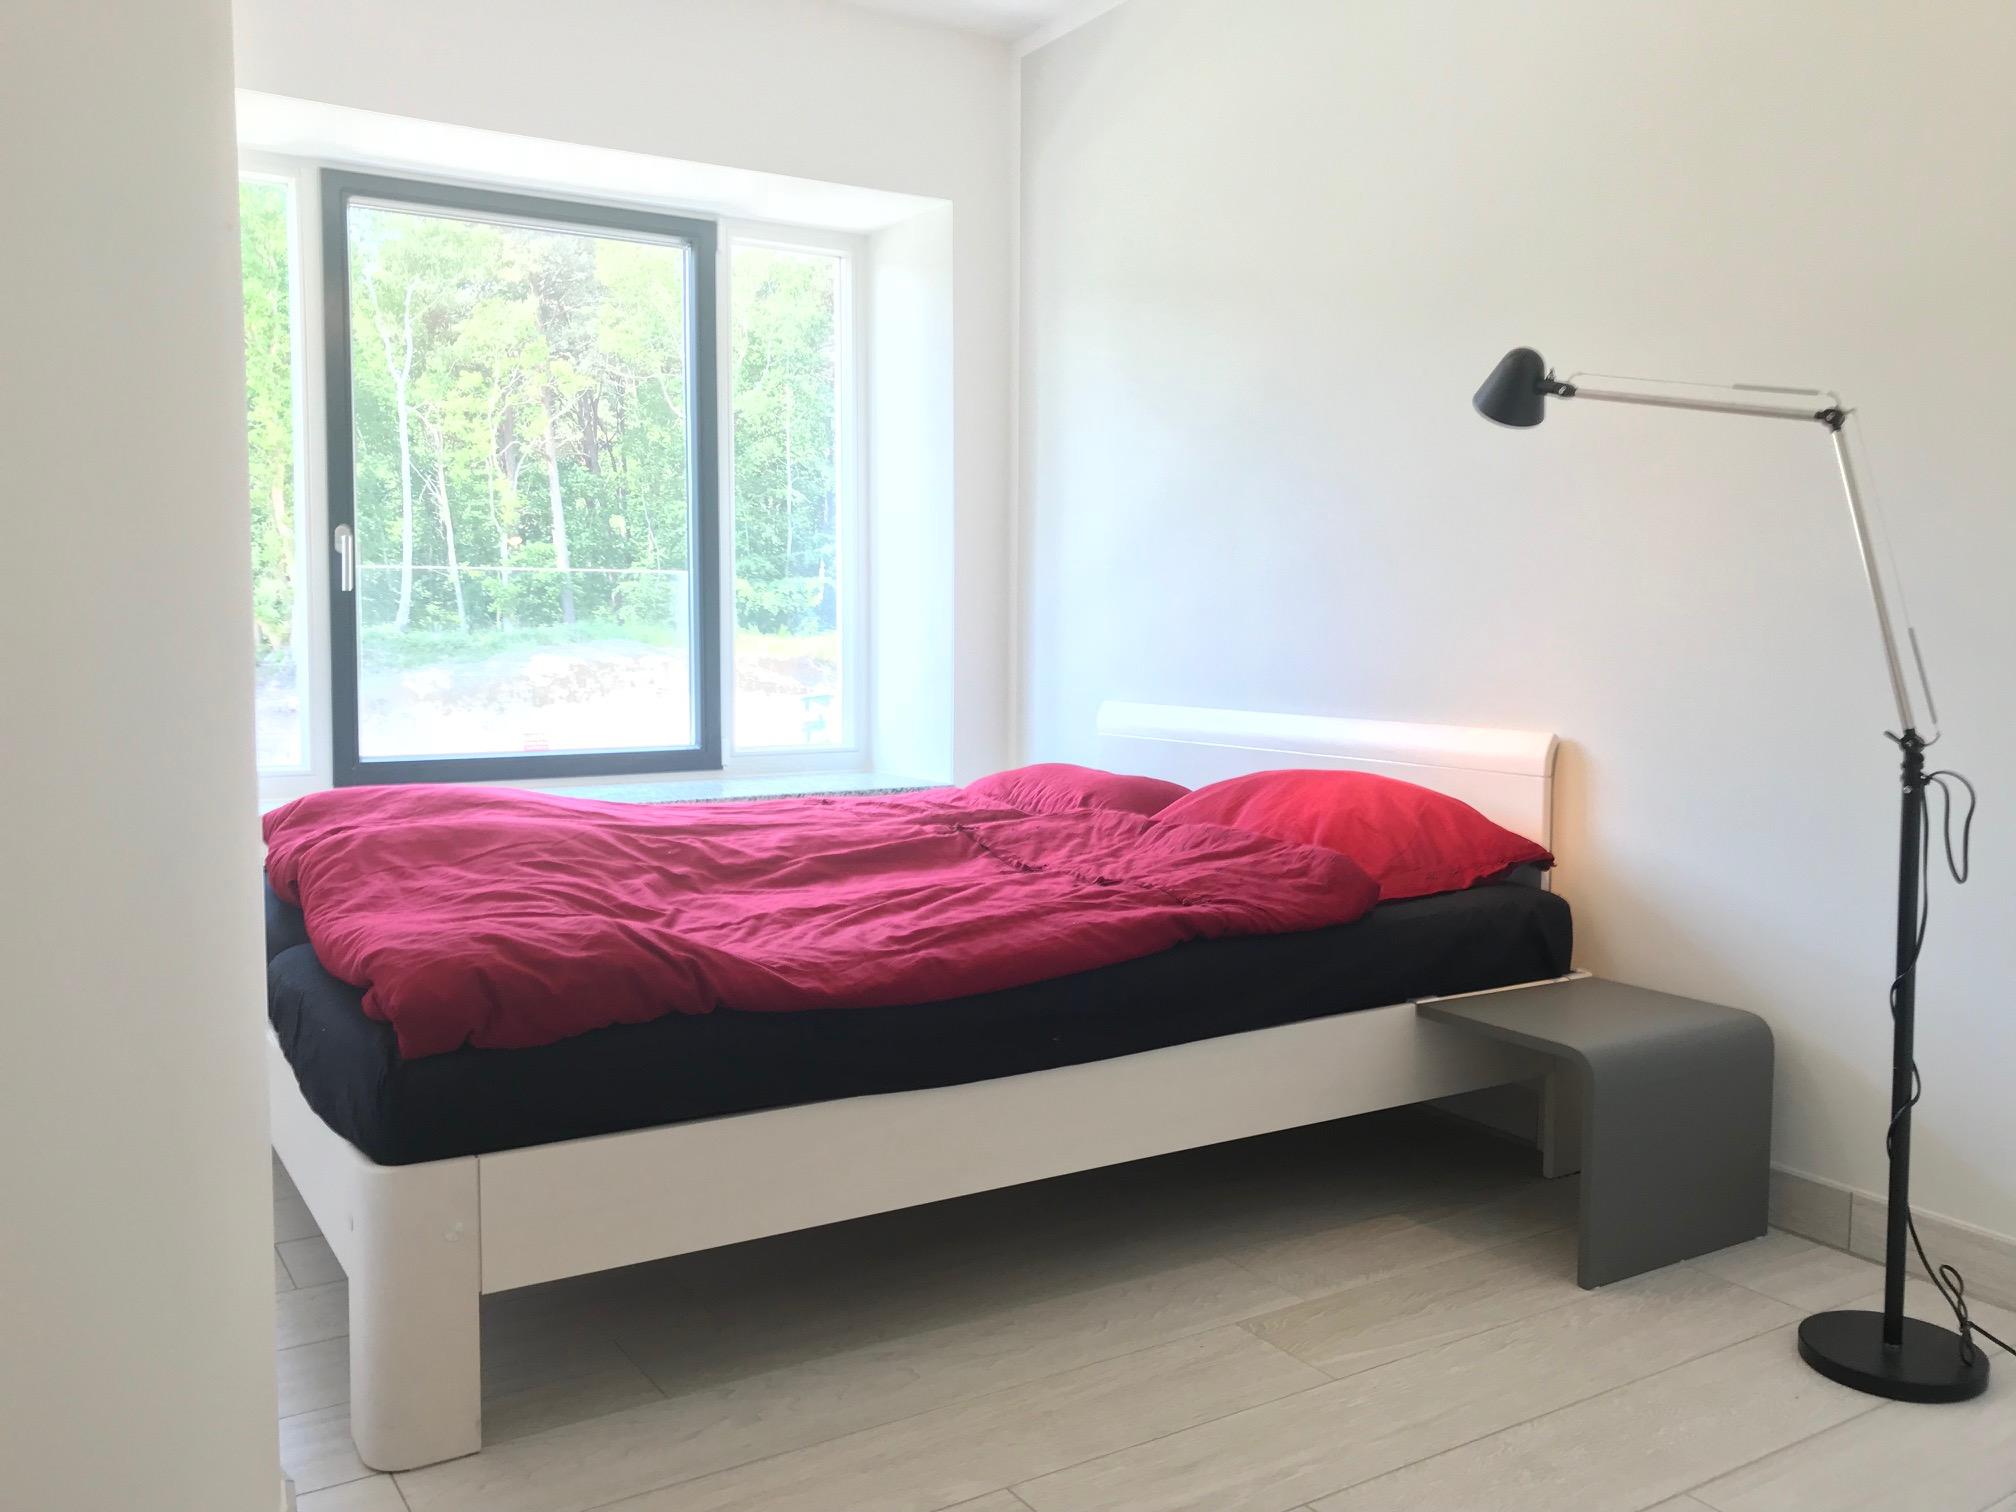 Schlafzimmer im Auping Auronde Designer-Doppelbett 160x200cm, Verdunklungsplissees vorhanden